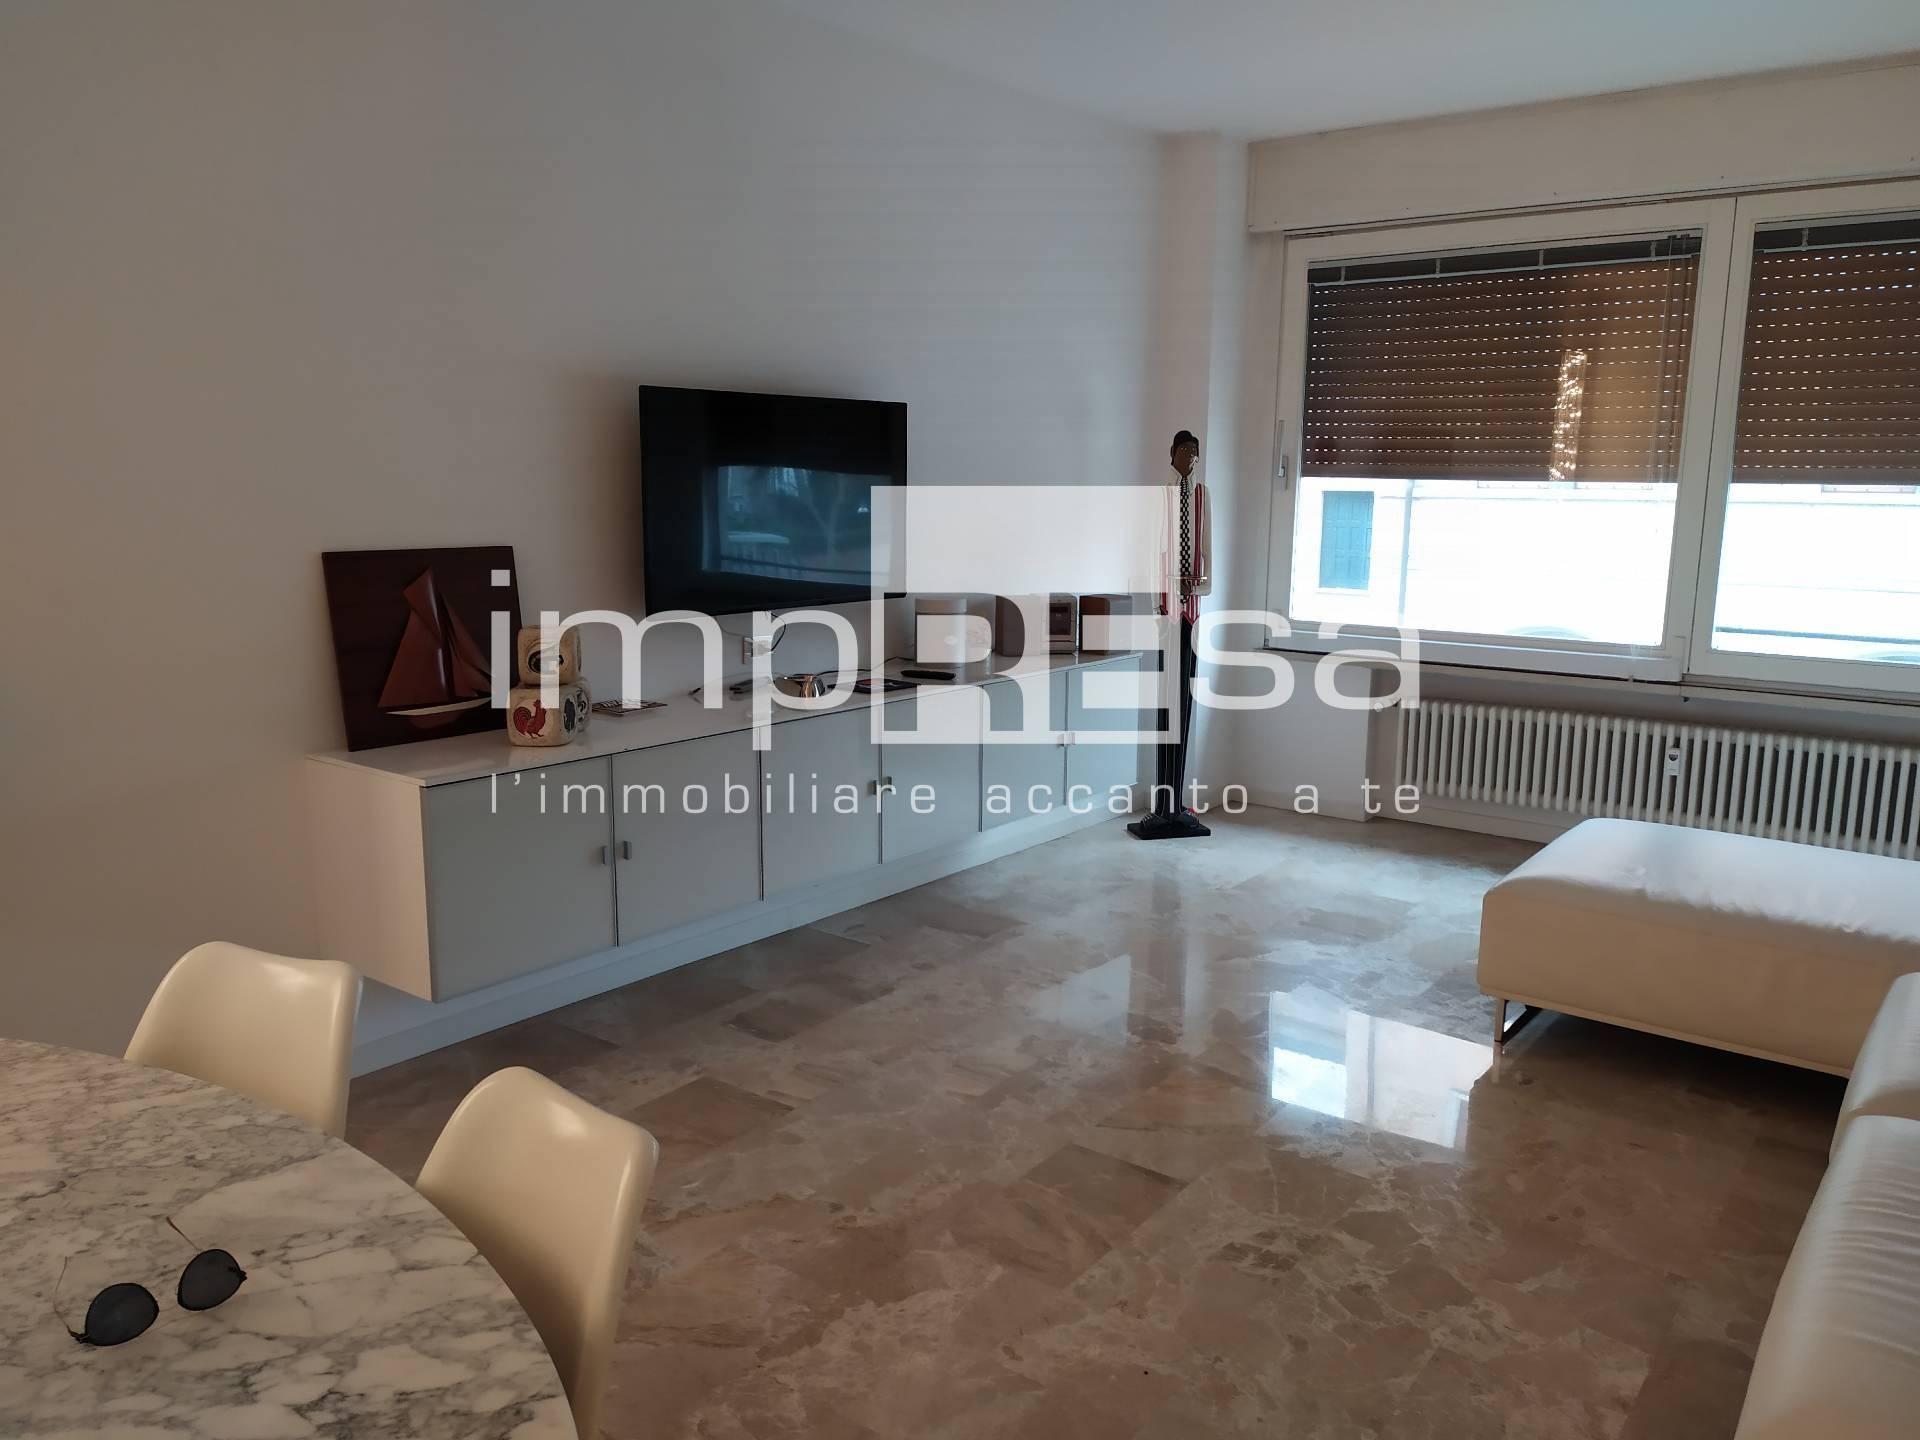 Appartamento in vendita a Treviso, 4 locali, prezzo € 300.000   PortaleAgenzieImmobiliari.it